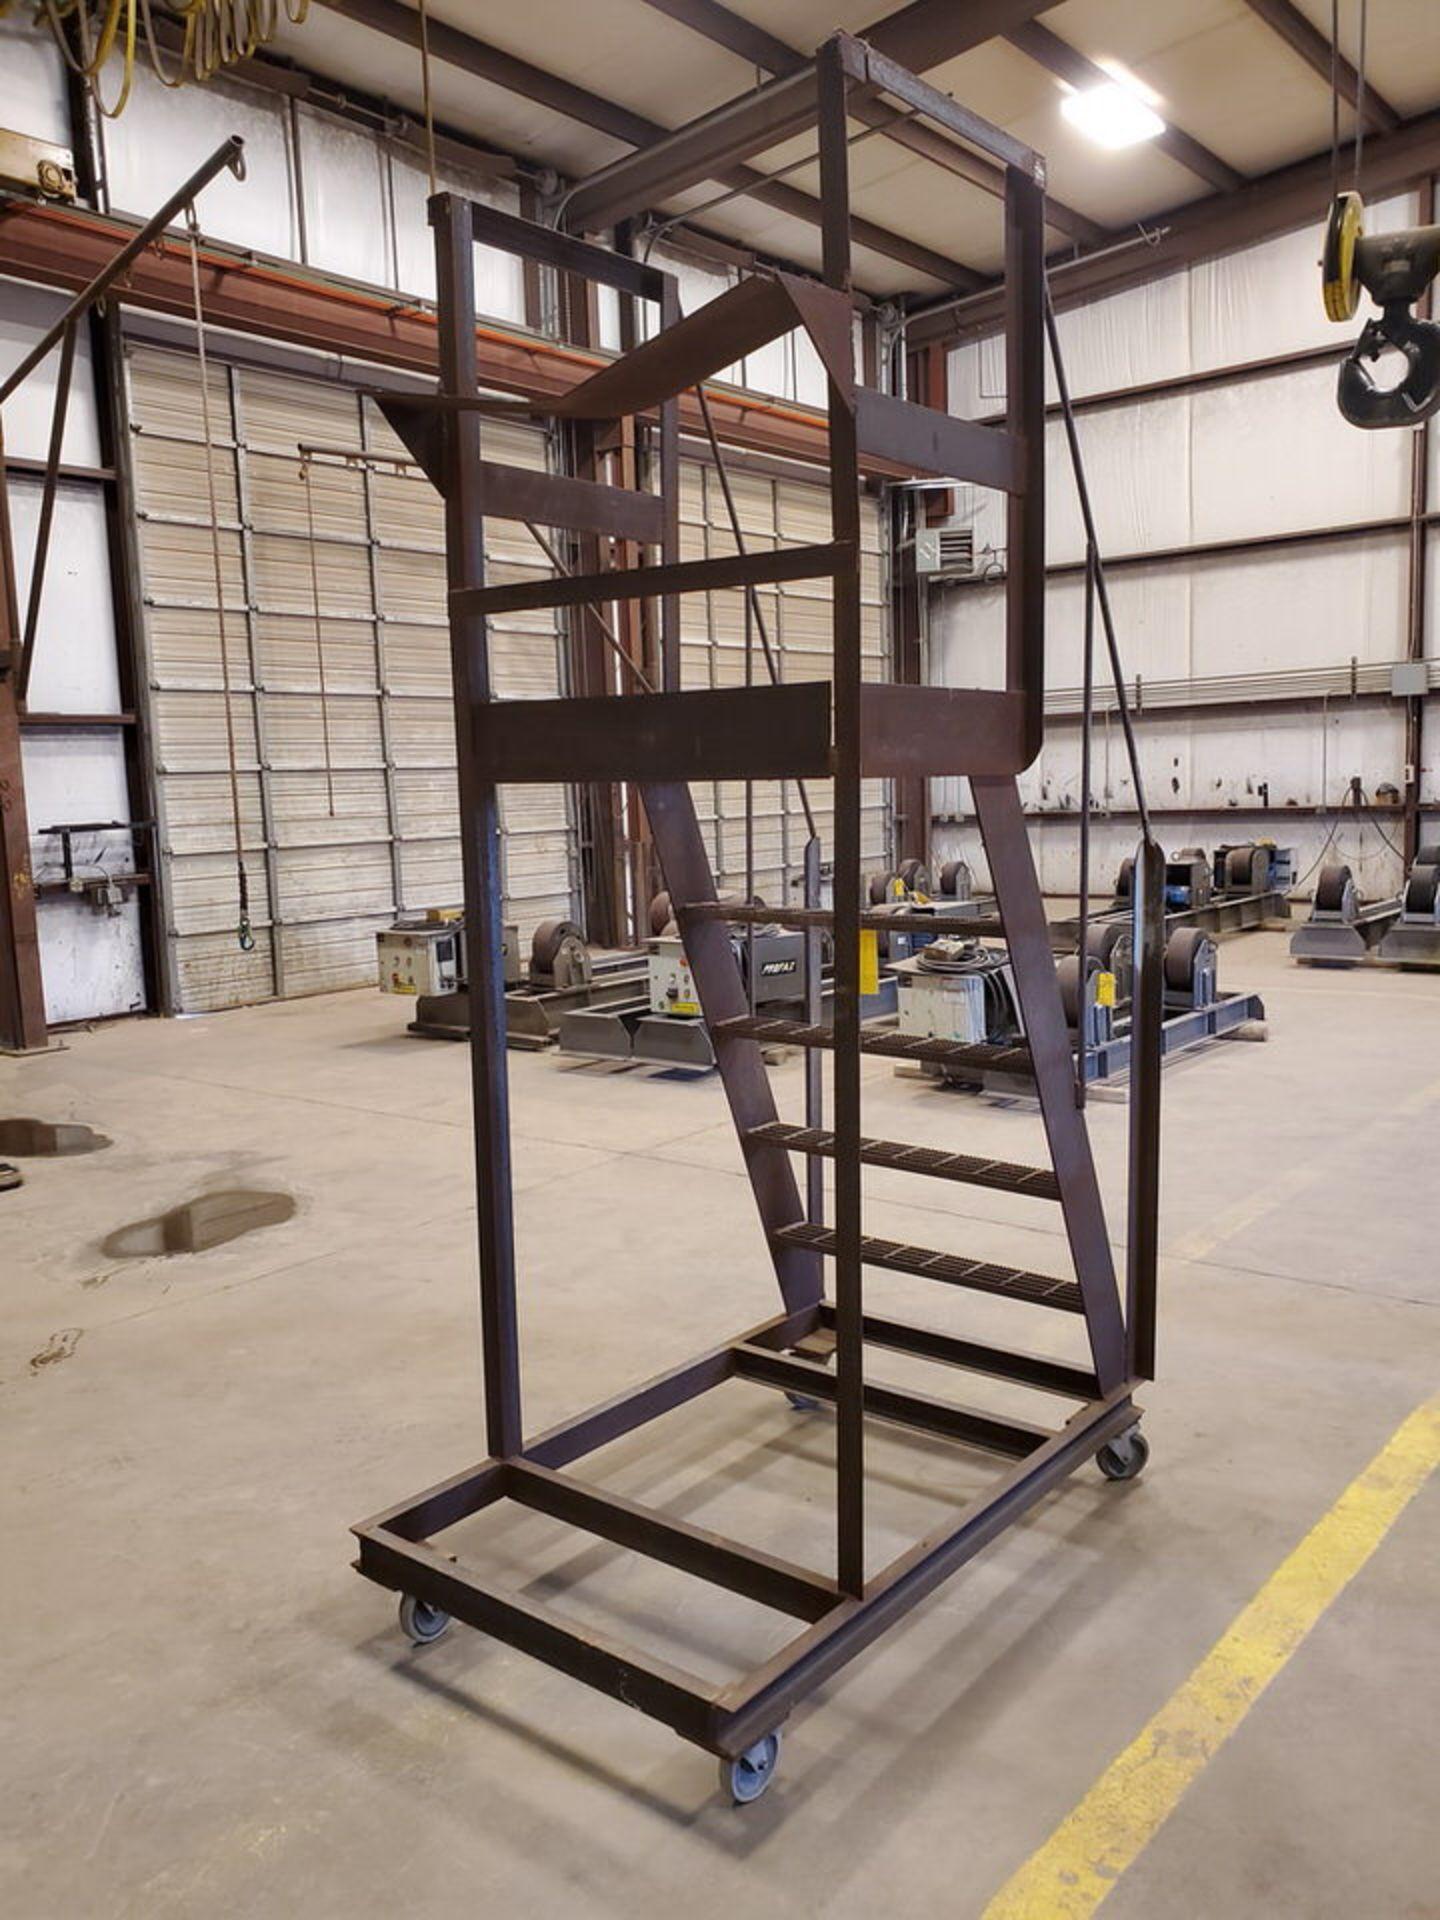 """Stl 4-Step Roling Platform Ladder 5'3"""" x 3' x 8'9""""H; No Cap. - Image 6 of 6"""